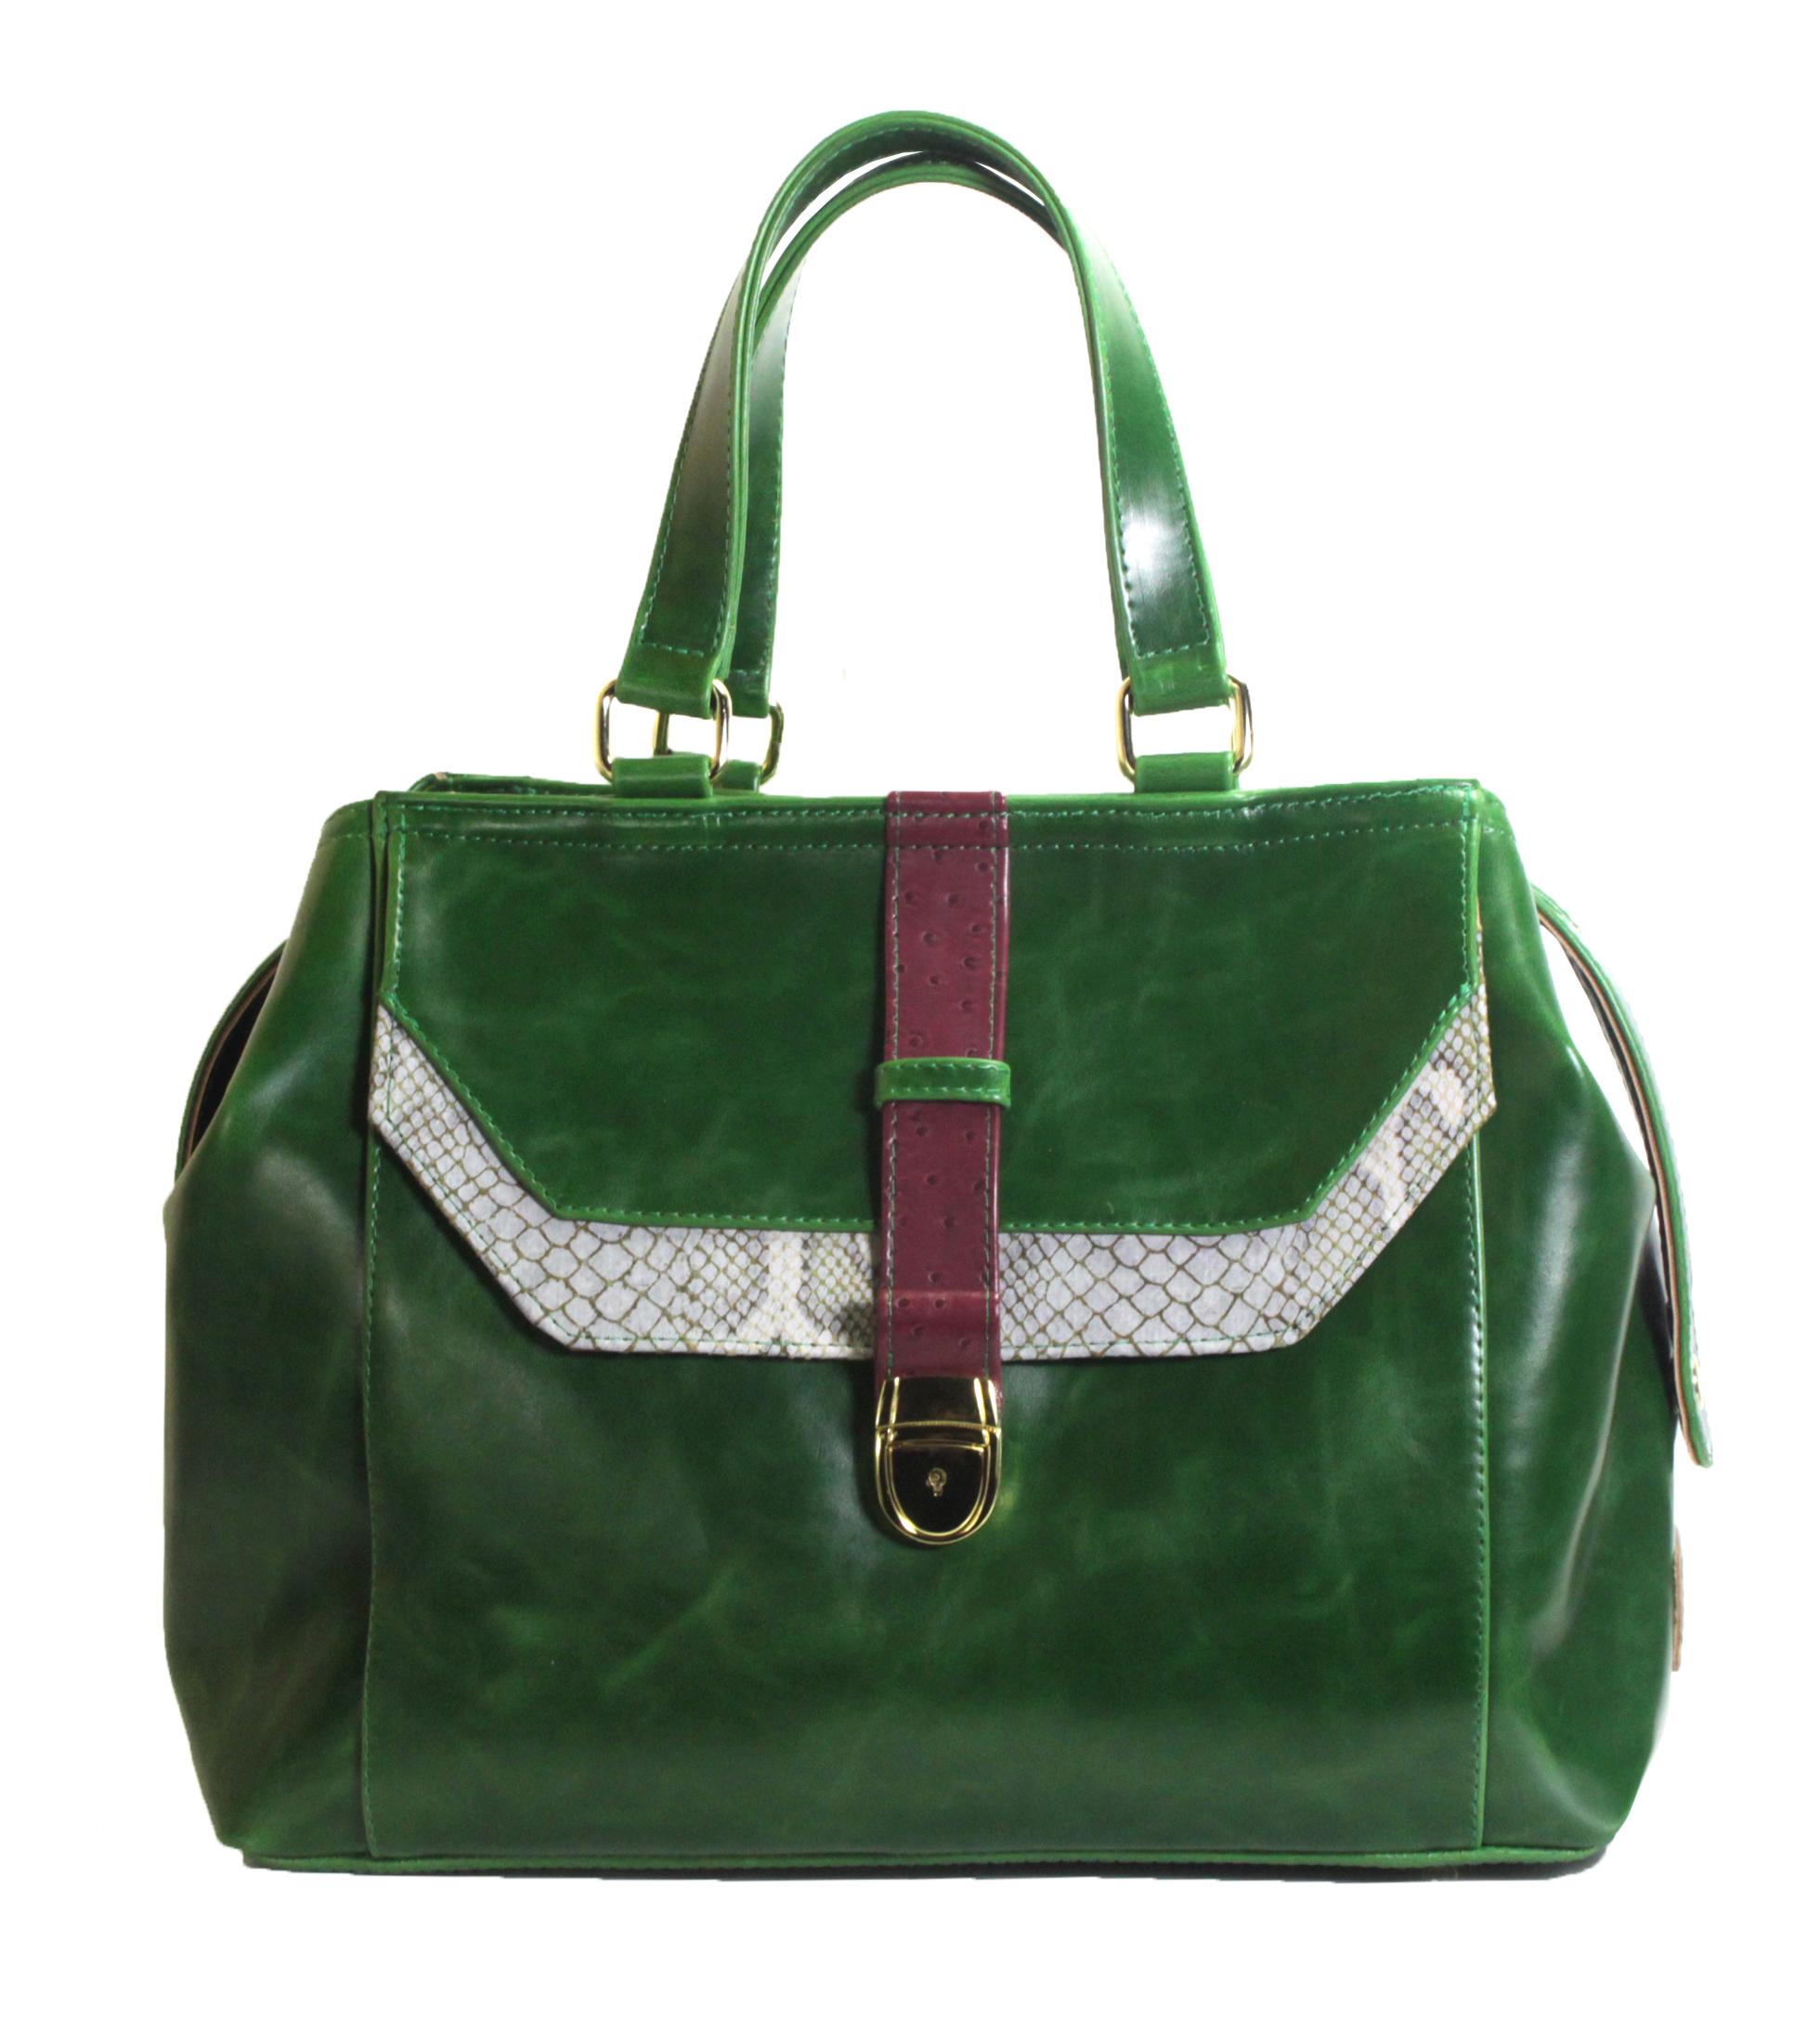 Atypická zelená kabelka 11-20287-green